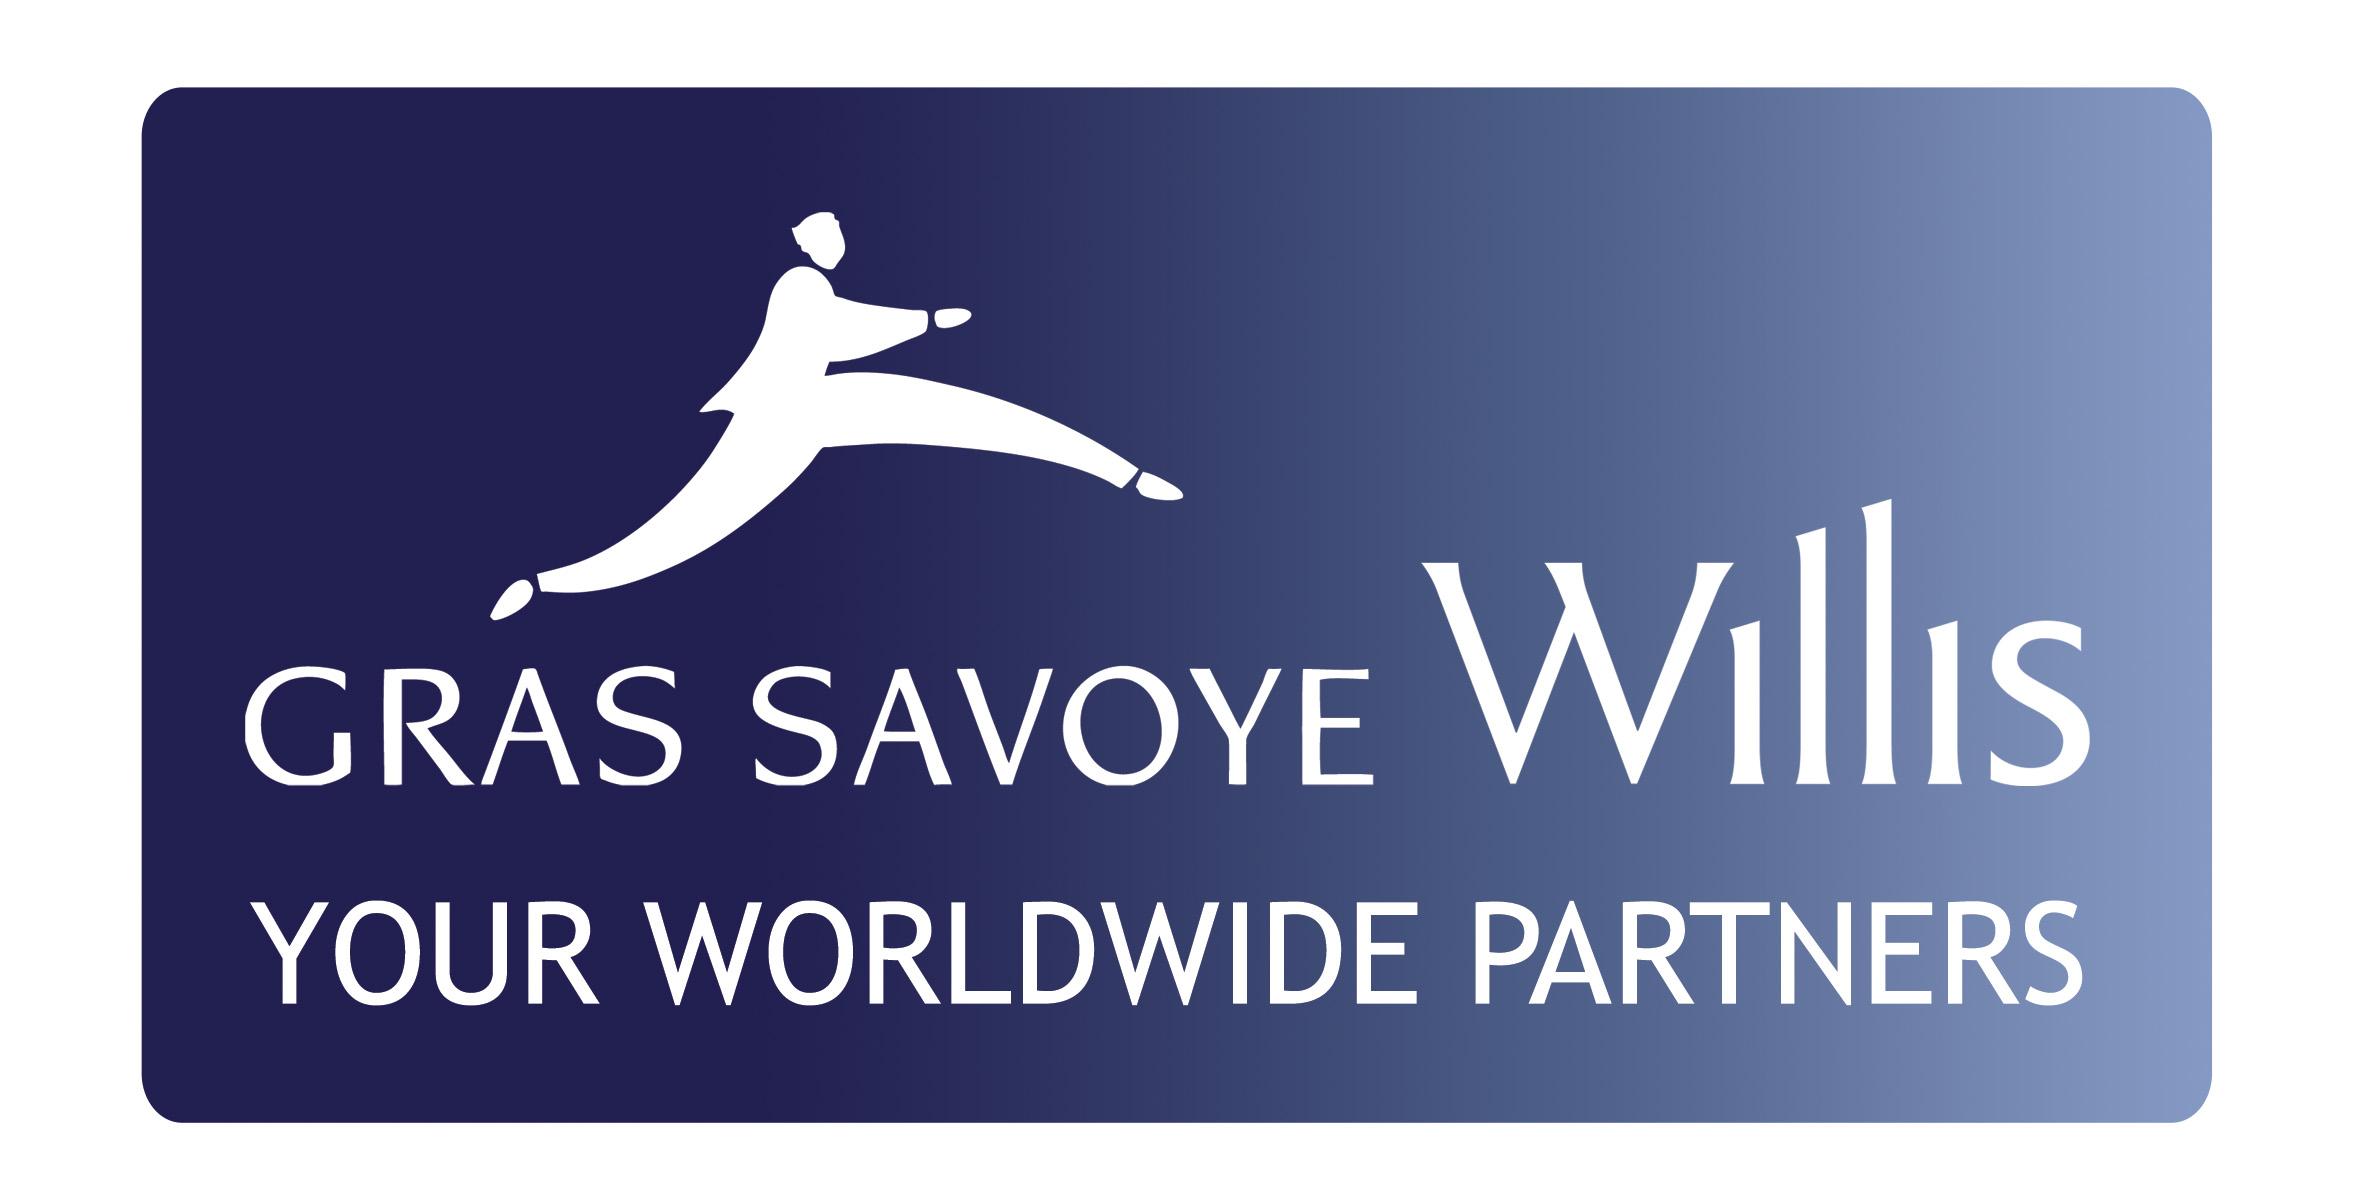 L'assurance de personnes, le nouvel objectif de Gras Savoye